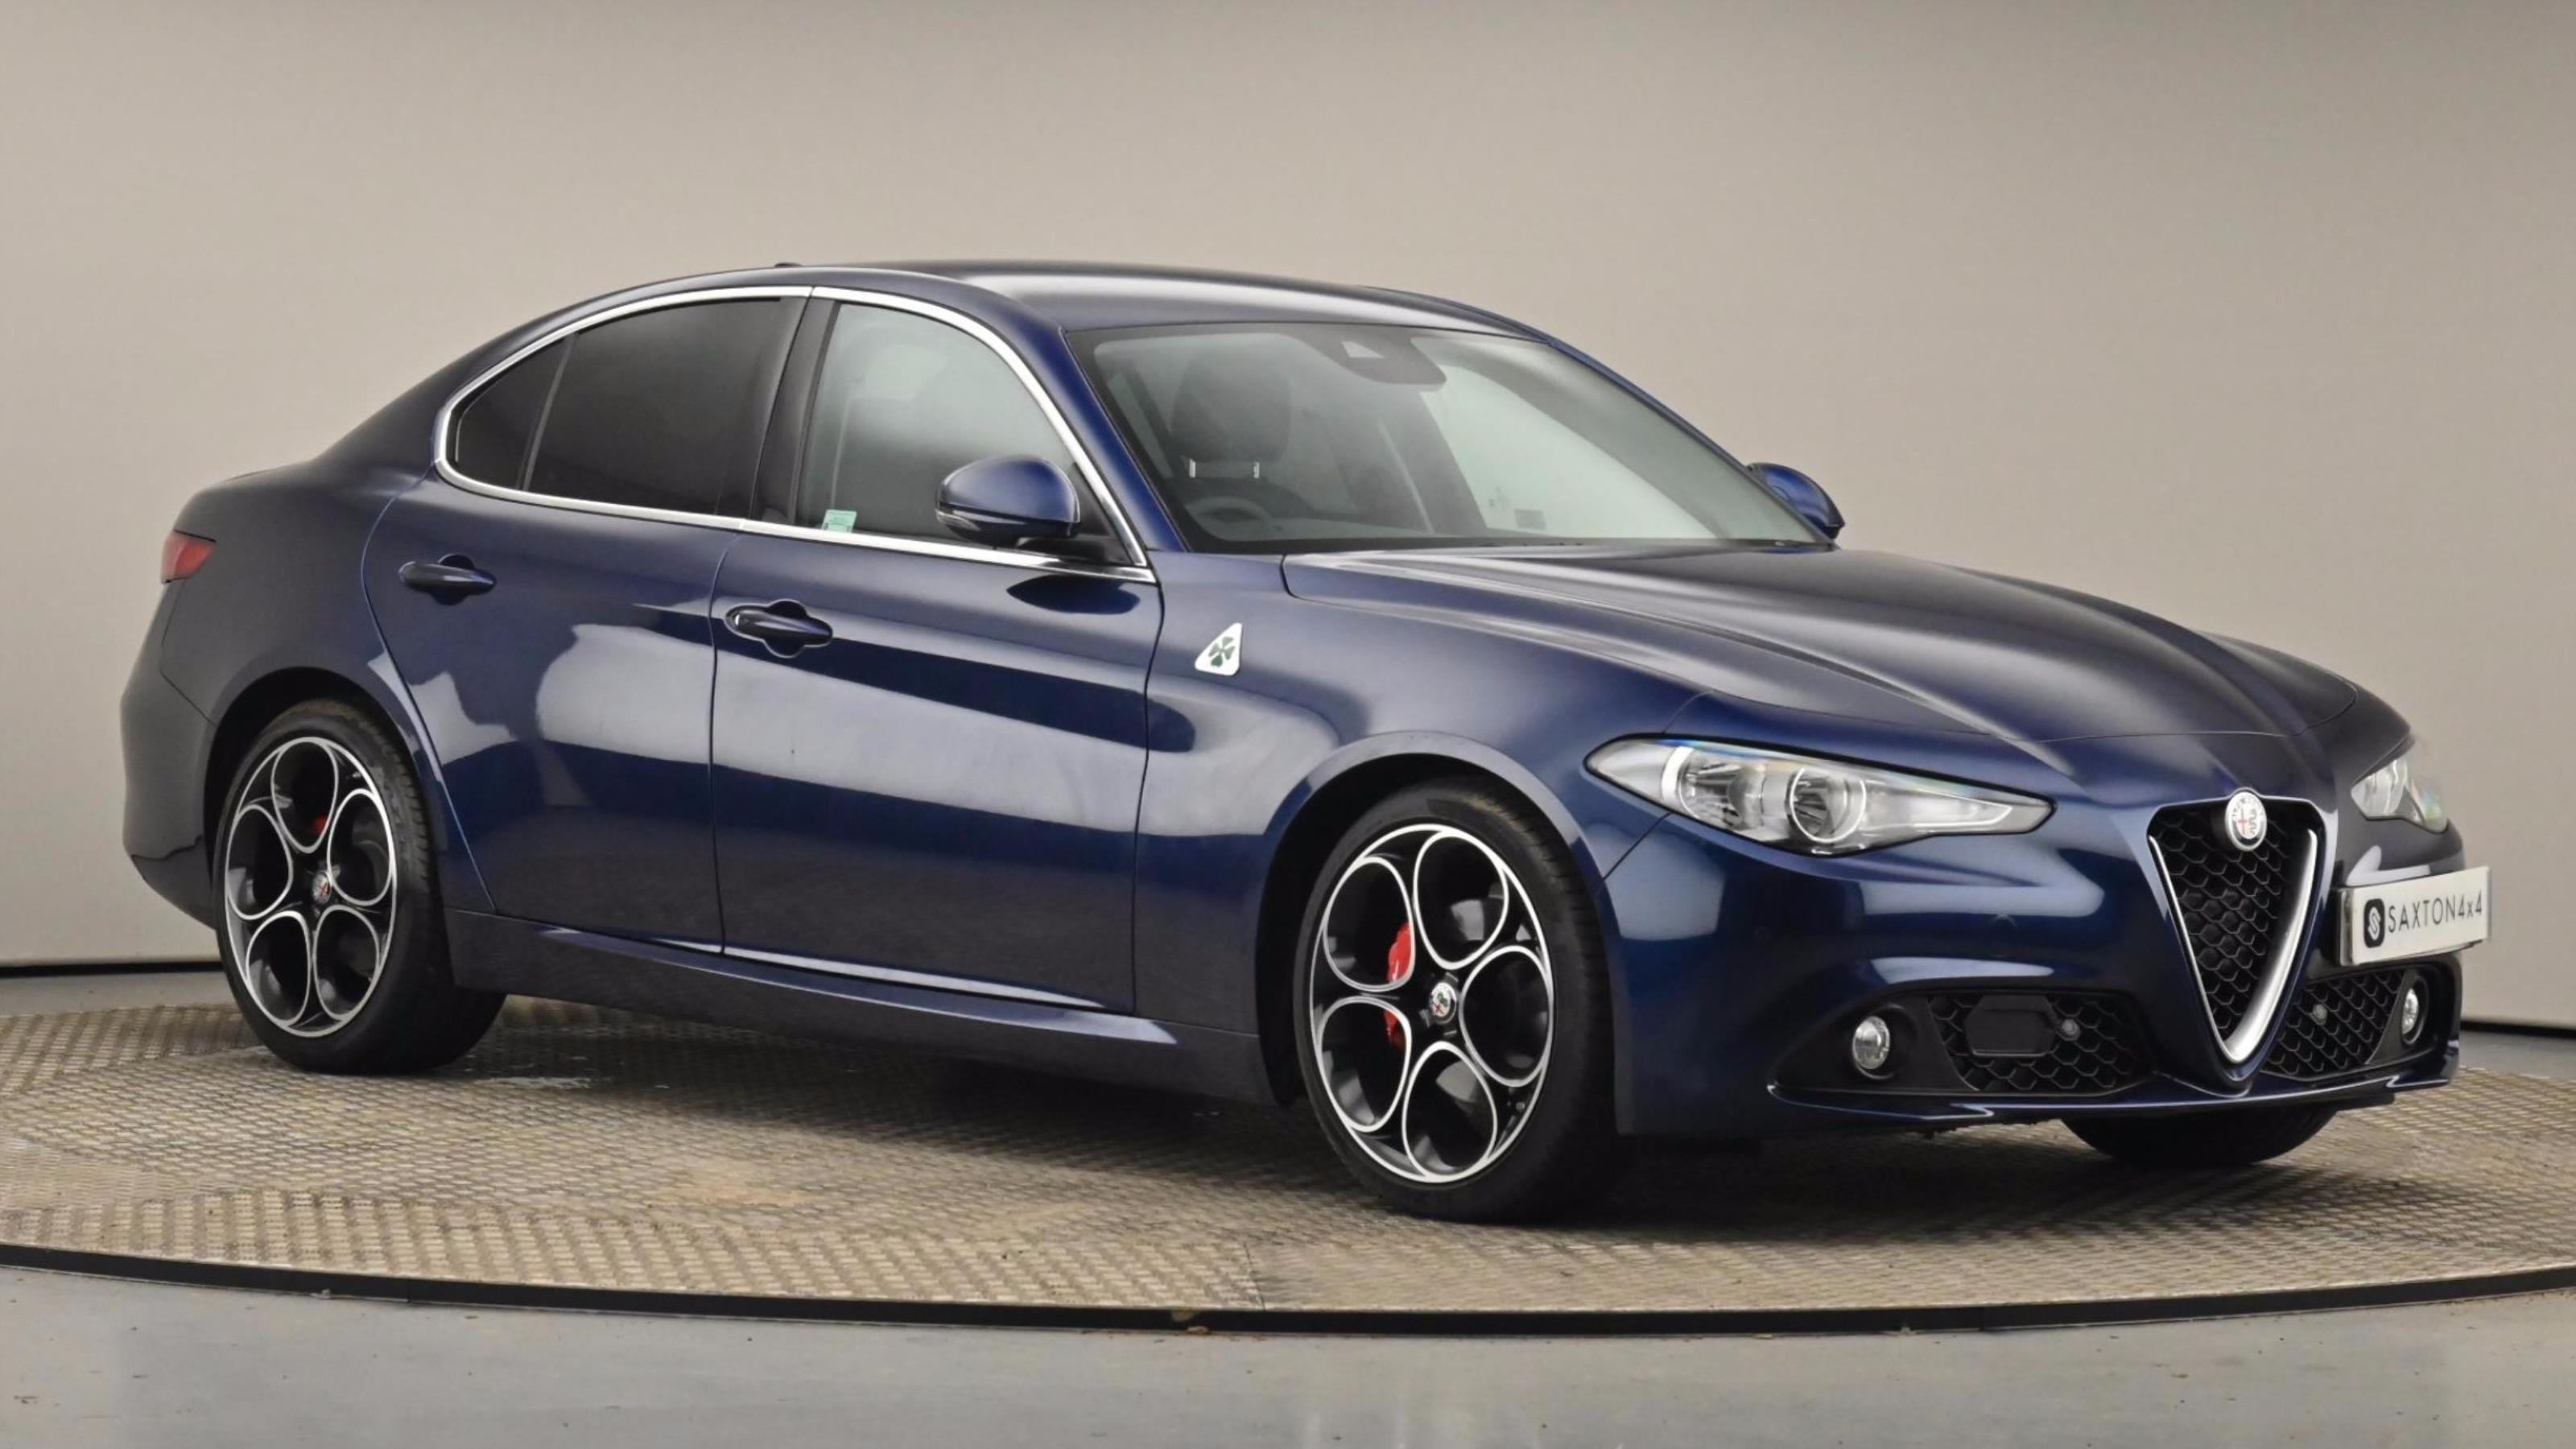 Used 2018 Alfa Romeo GIULIA 2.2 JTDM-2 Tecnica 4dr Auto BLUE at Saxton4x4